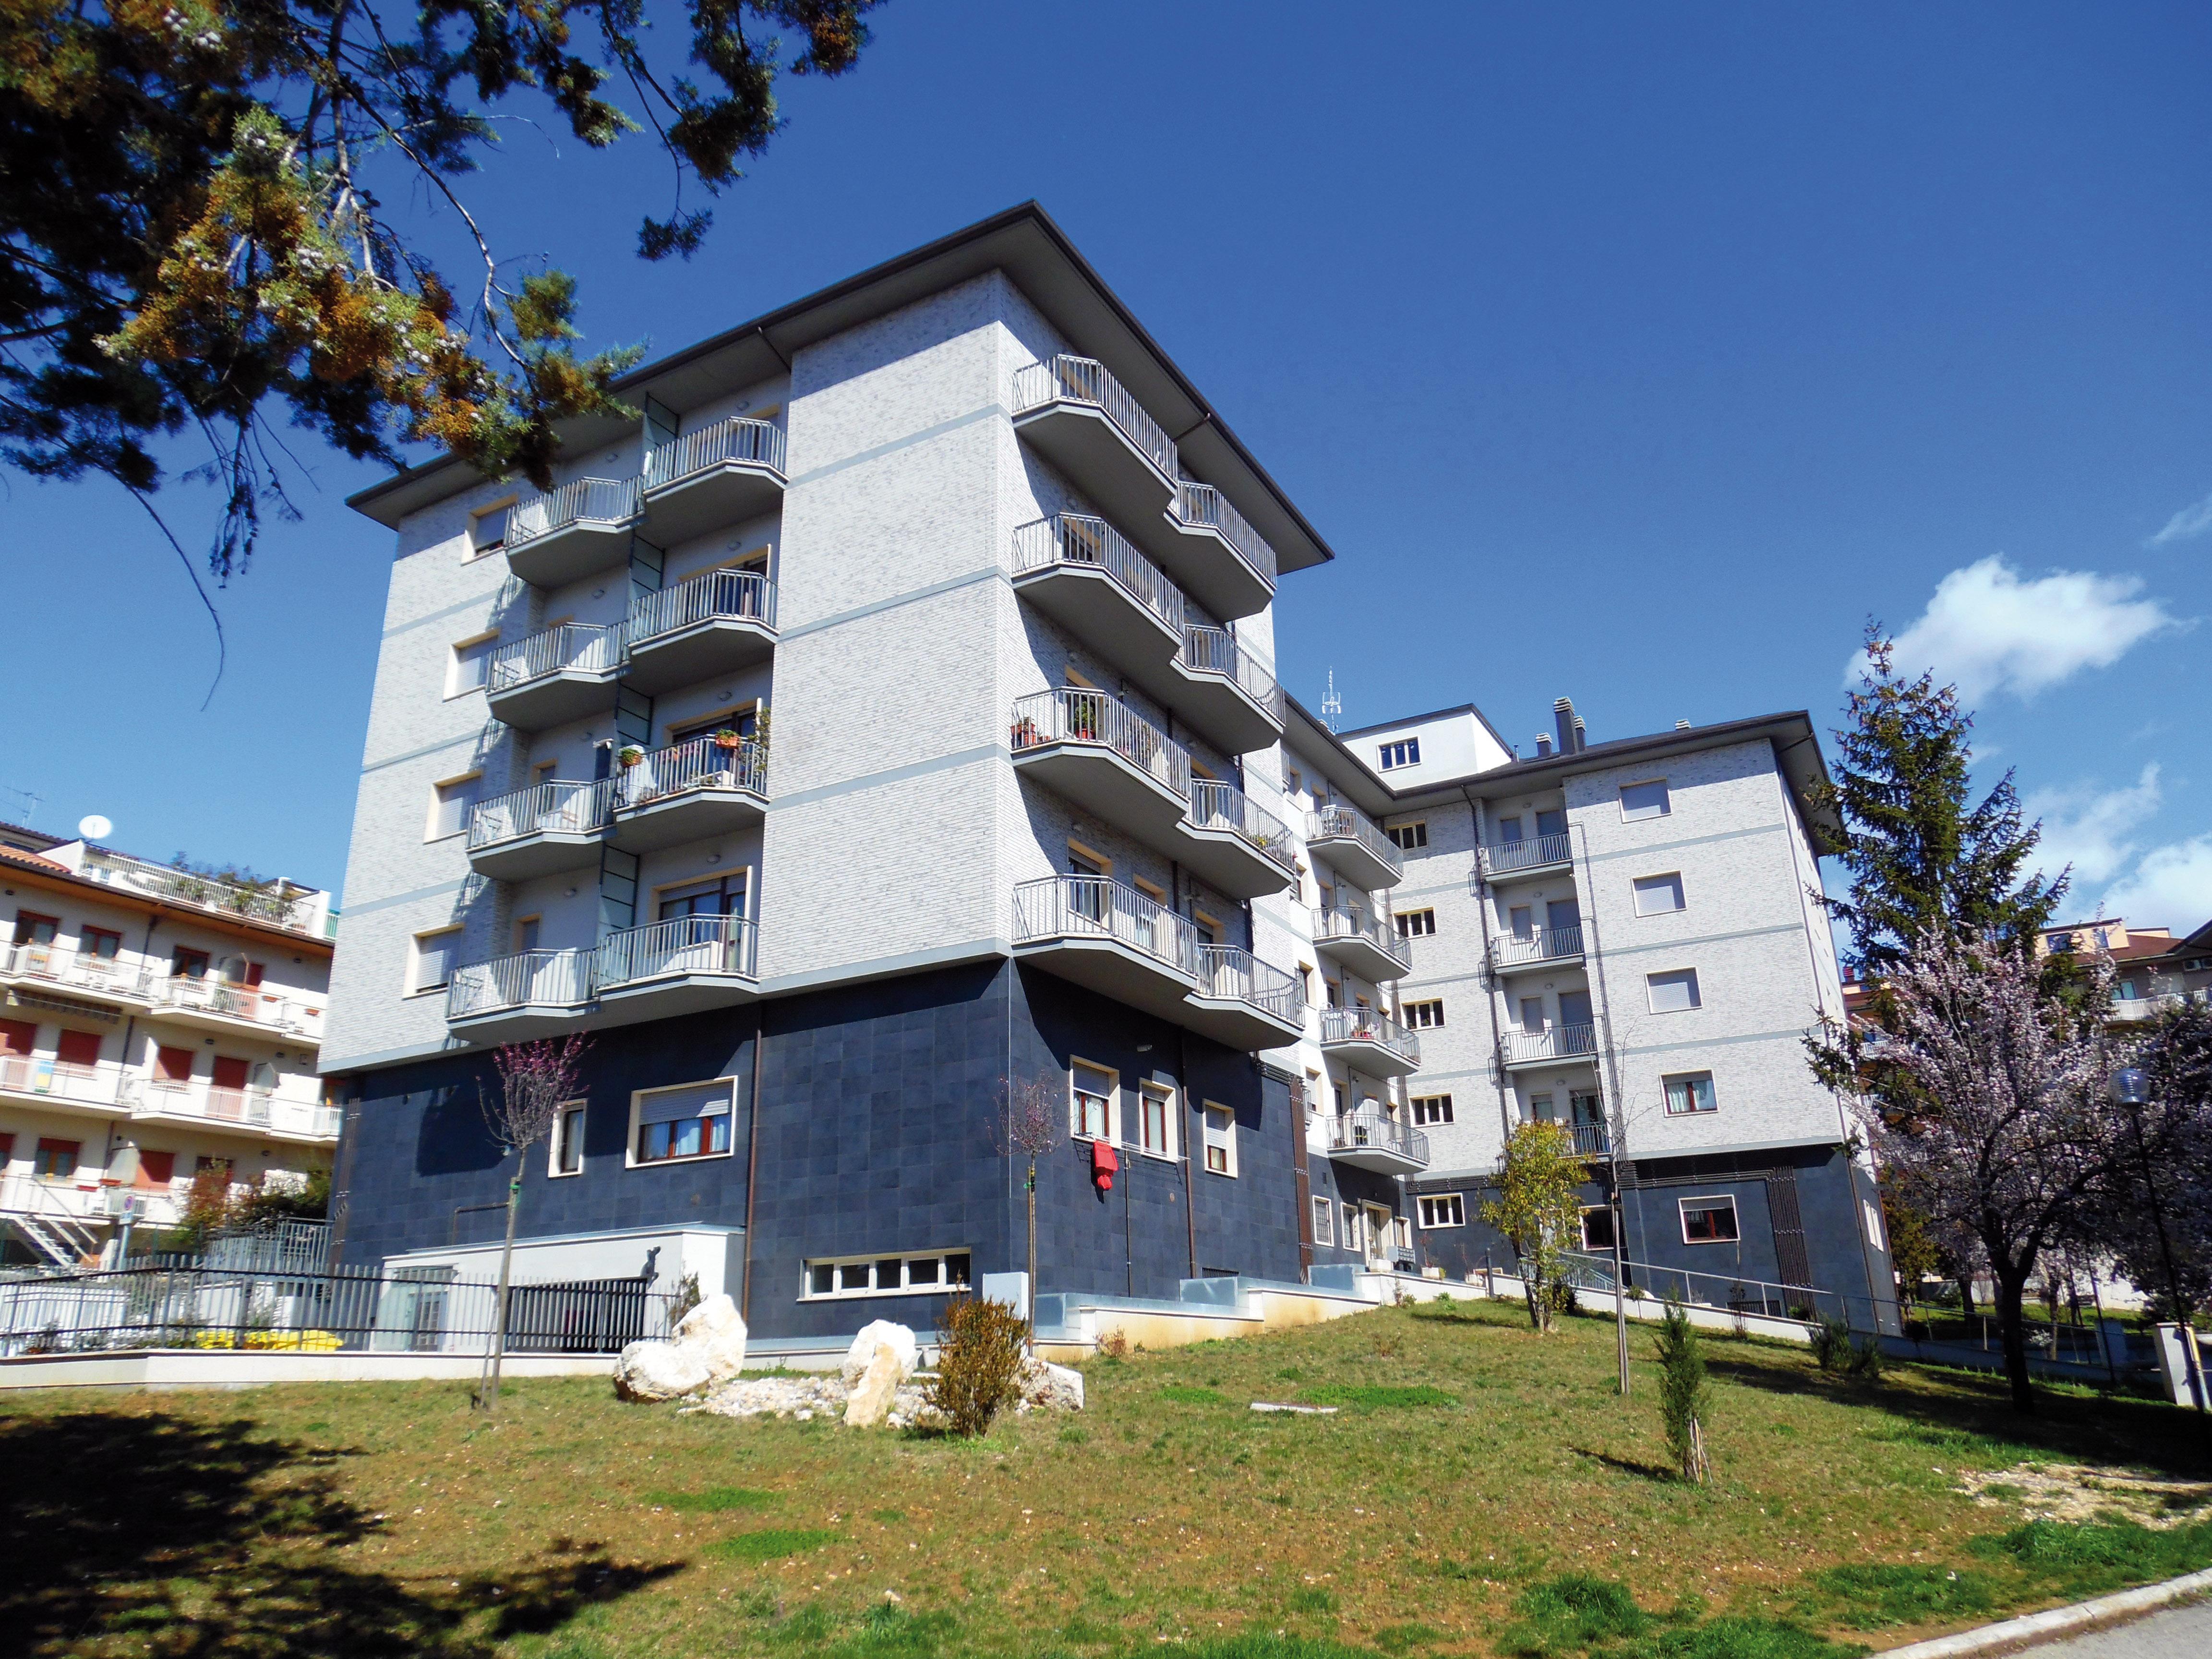 Condominio A.C.R.I.E. - L'Aquila